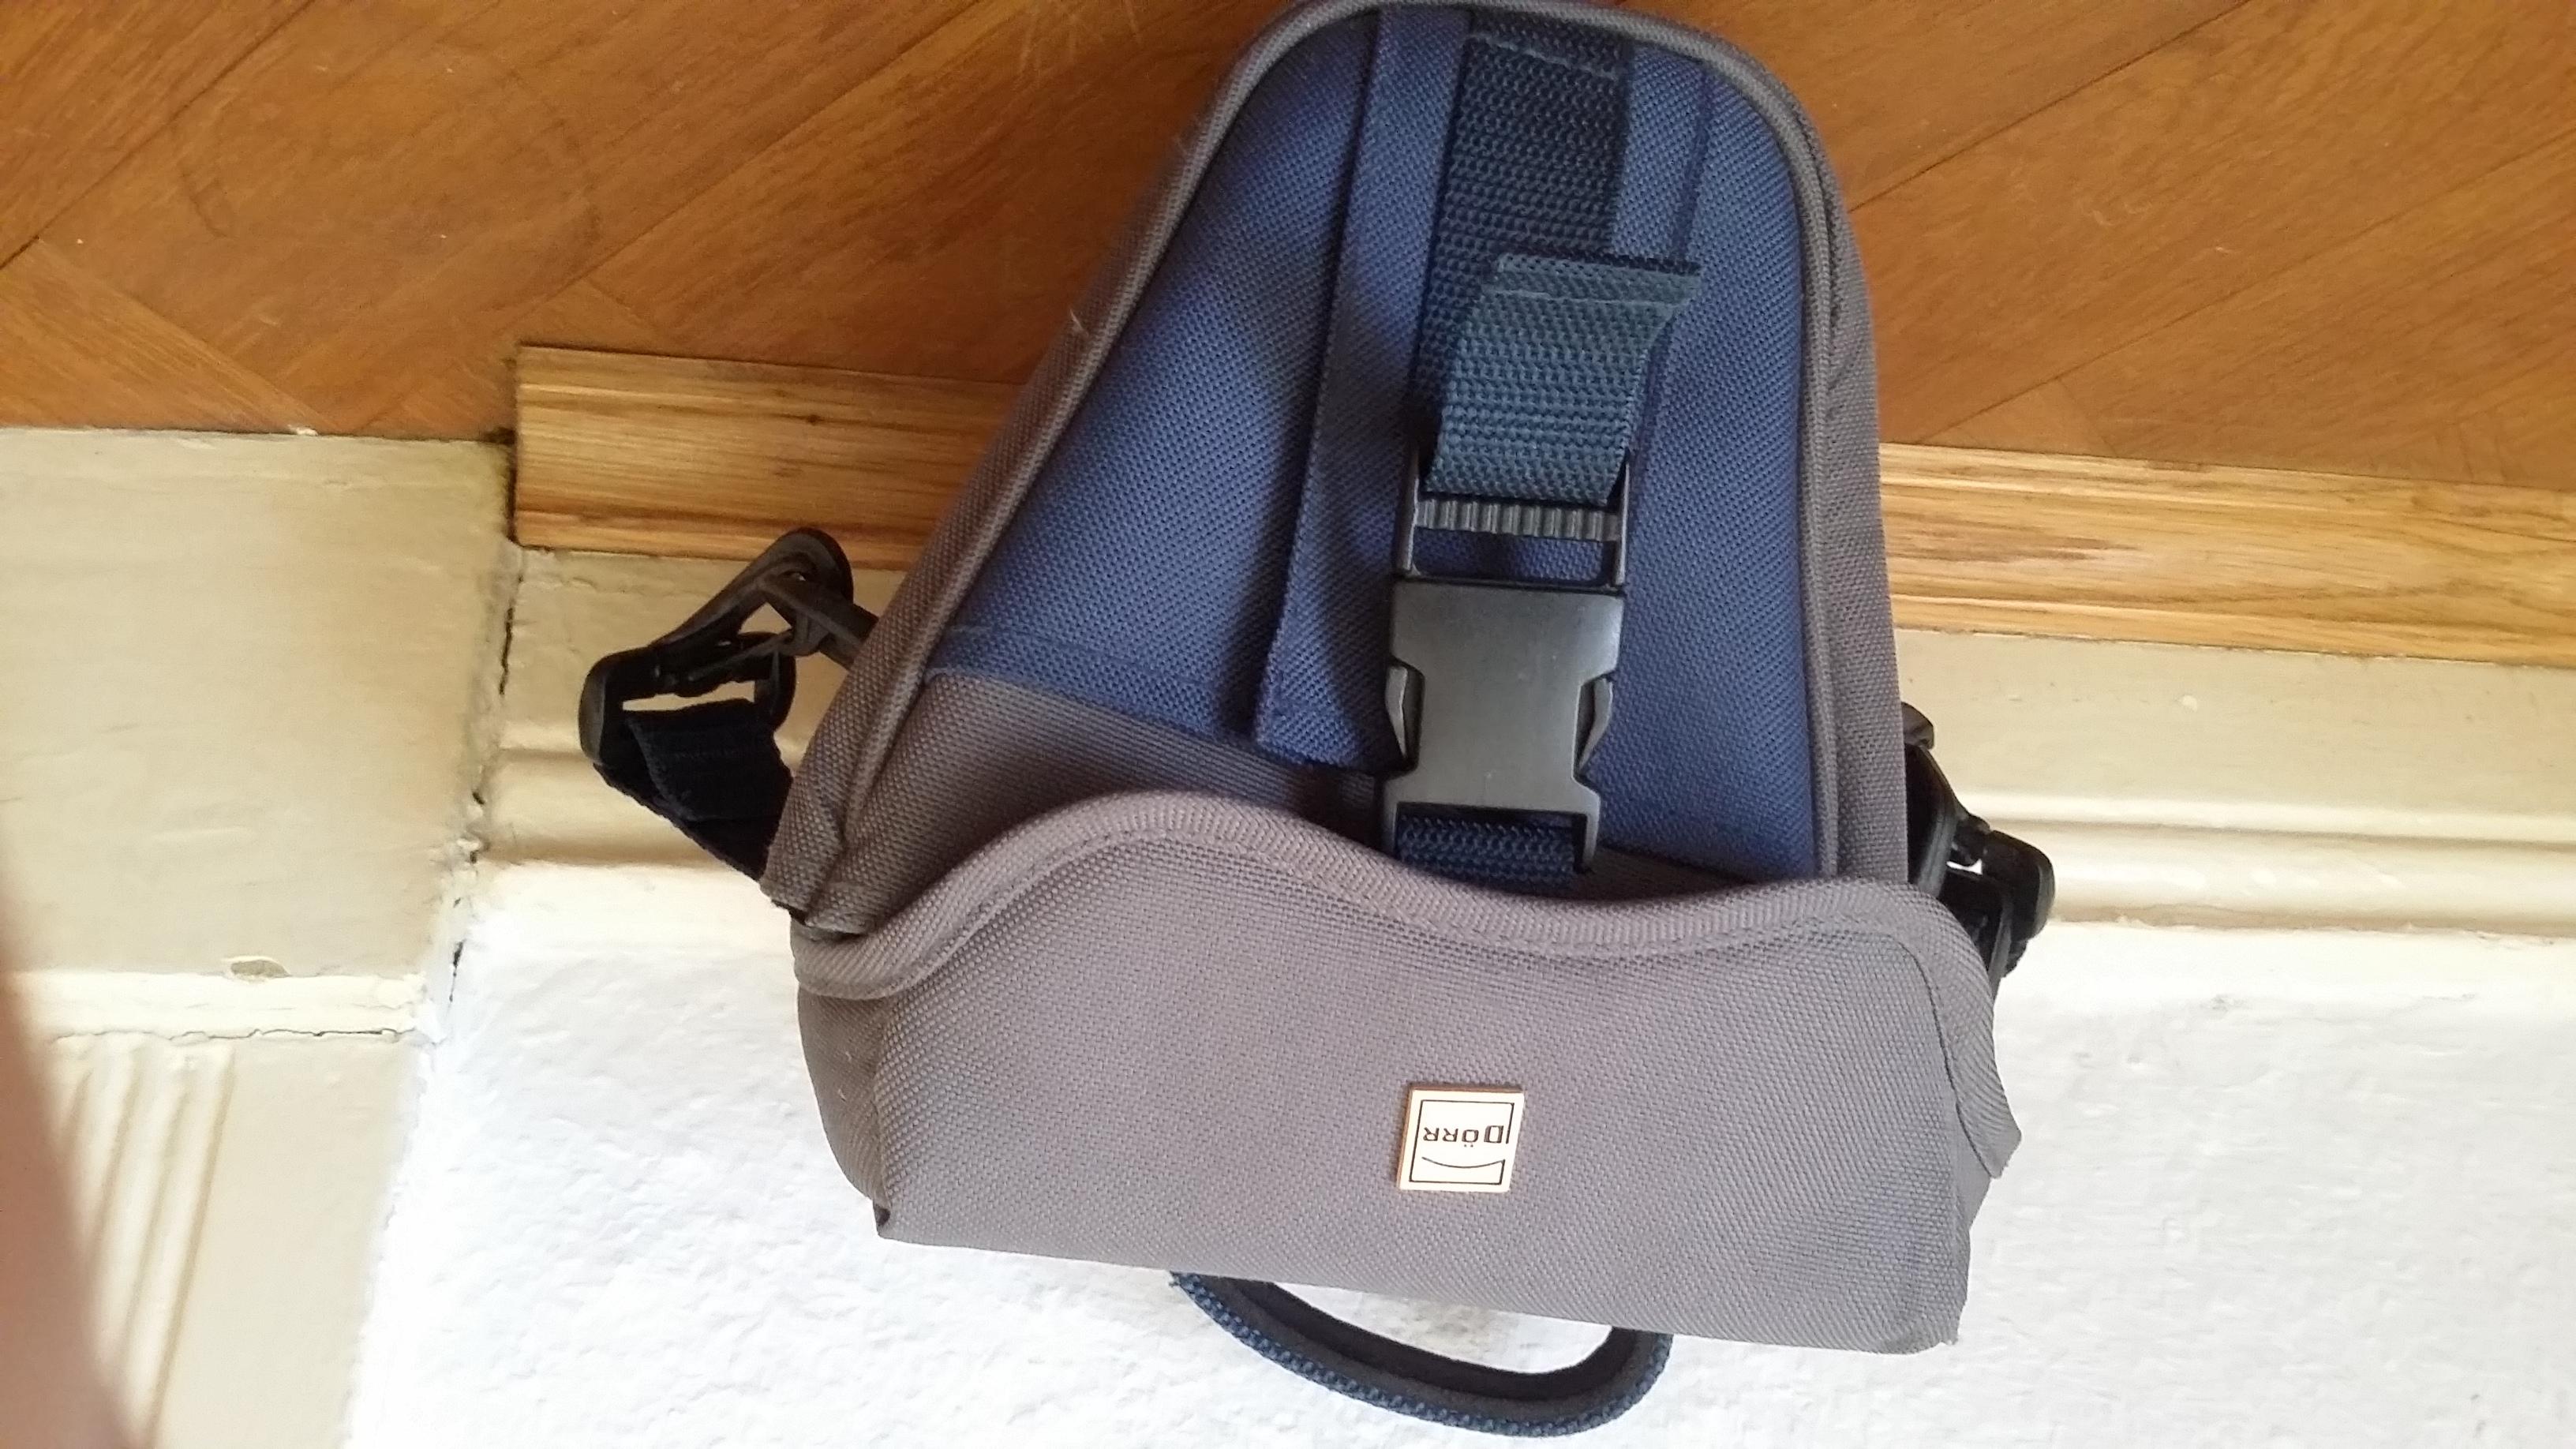 Fototasche für Spiegelreflexkame tauschen